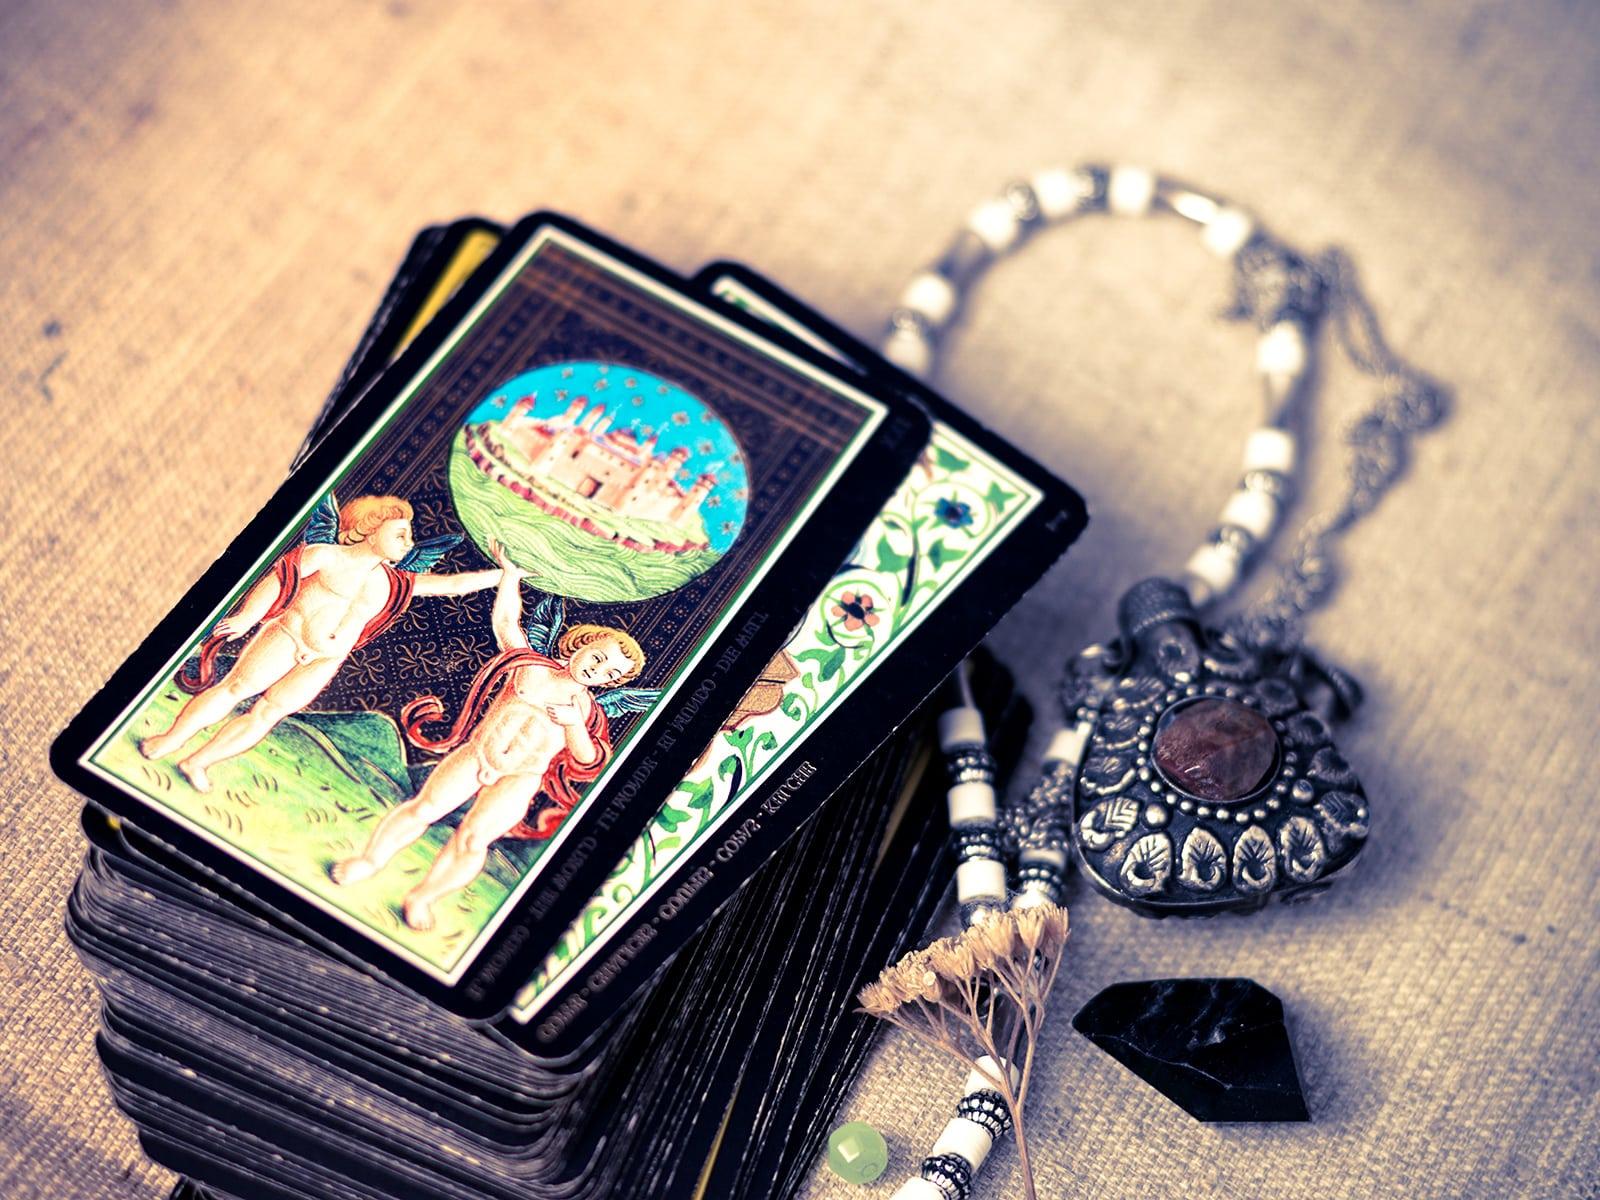 Les mystères du Tarot